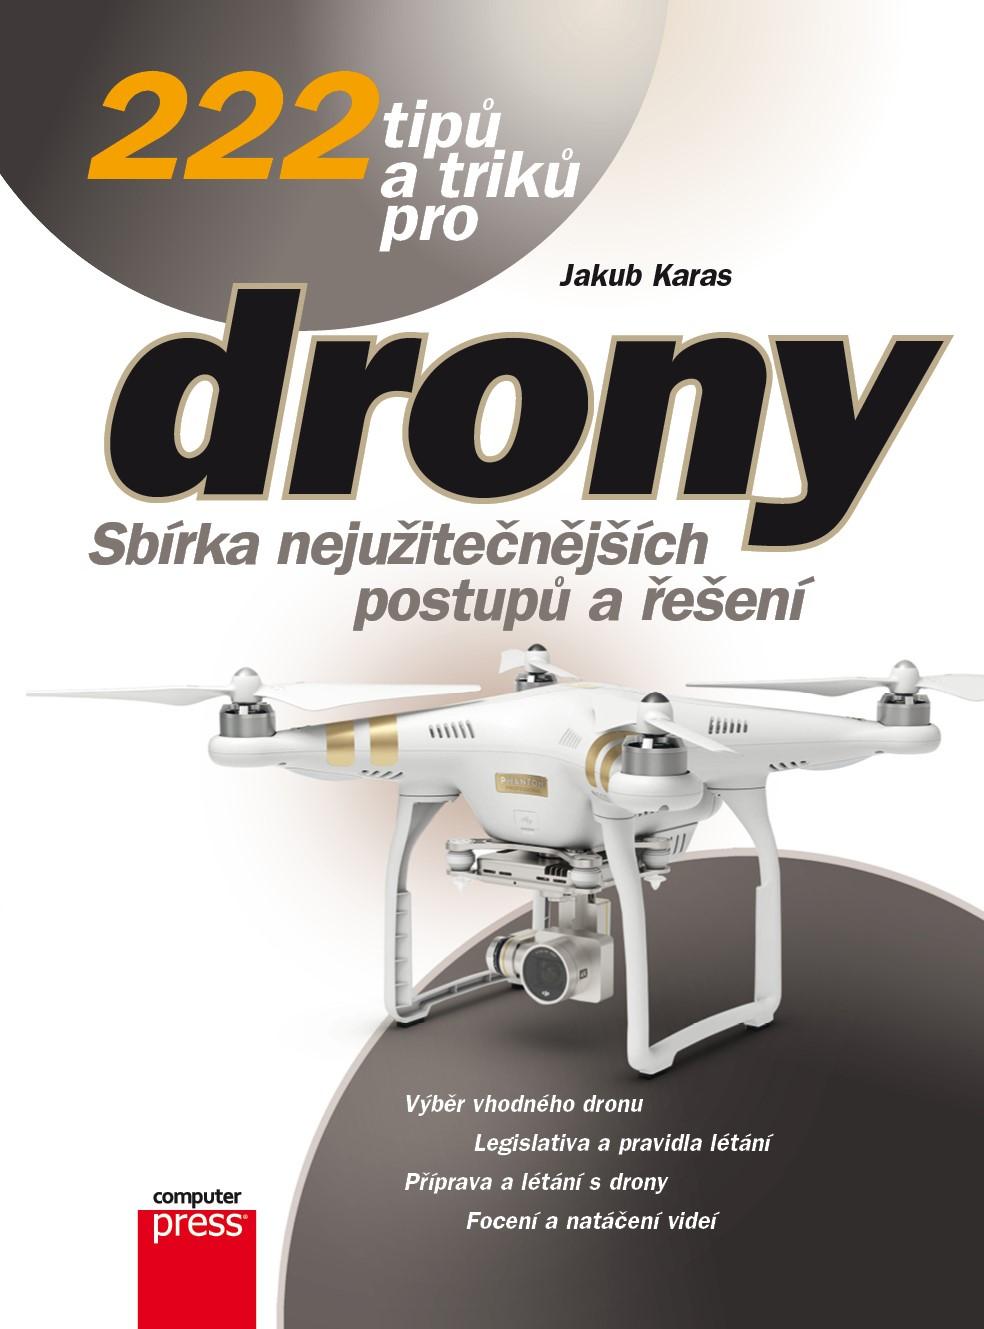 222 tipů a triků pro drony